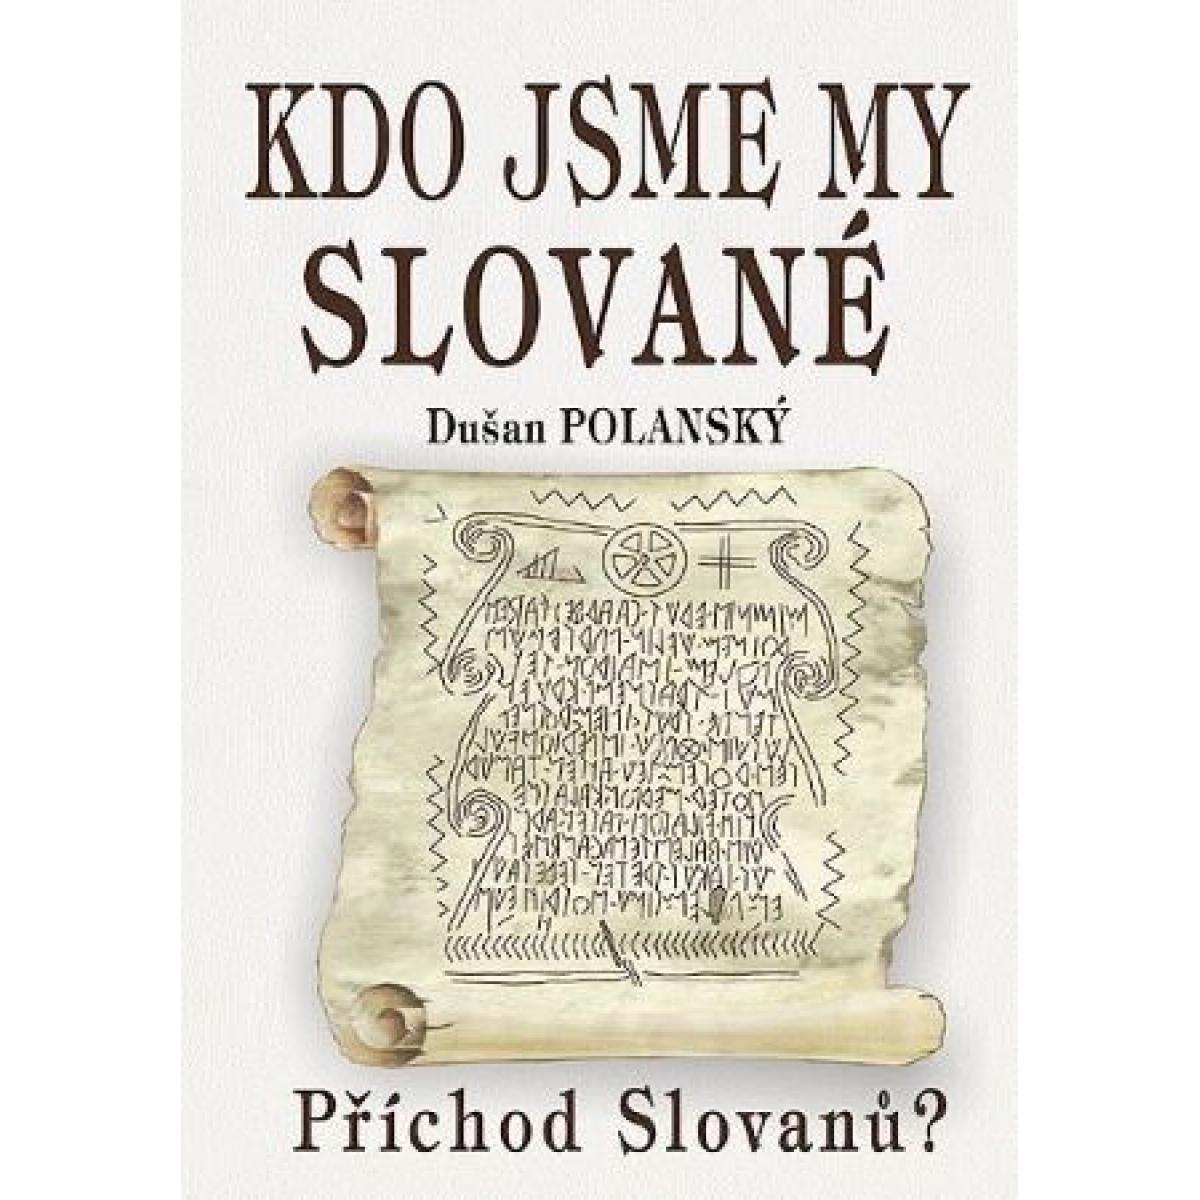 Kdo jsme my Slované - Polanský Dušan